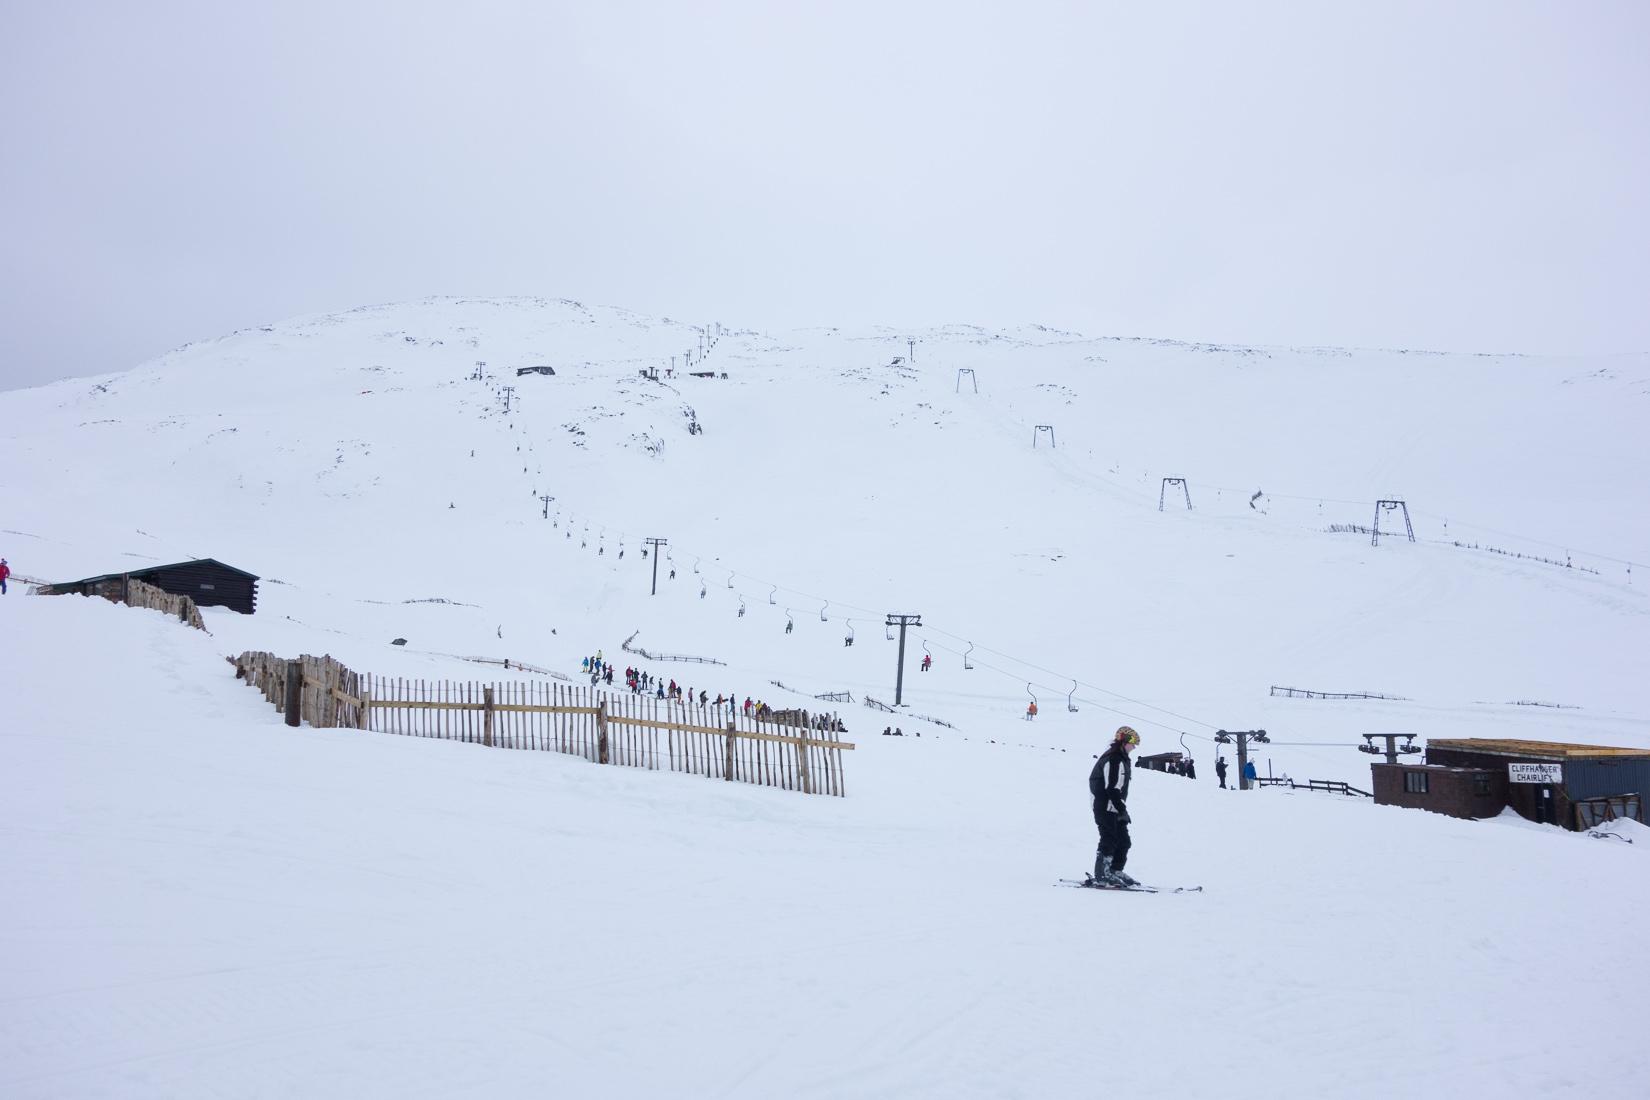 Glencoe Ski Area